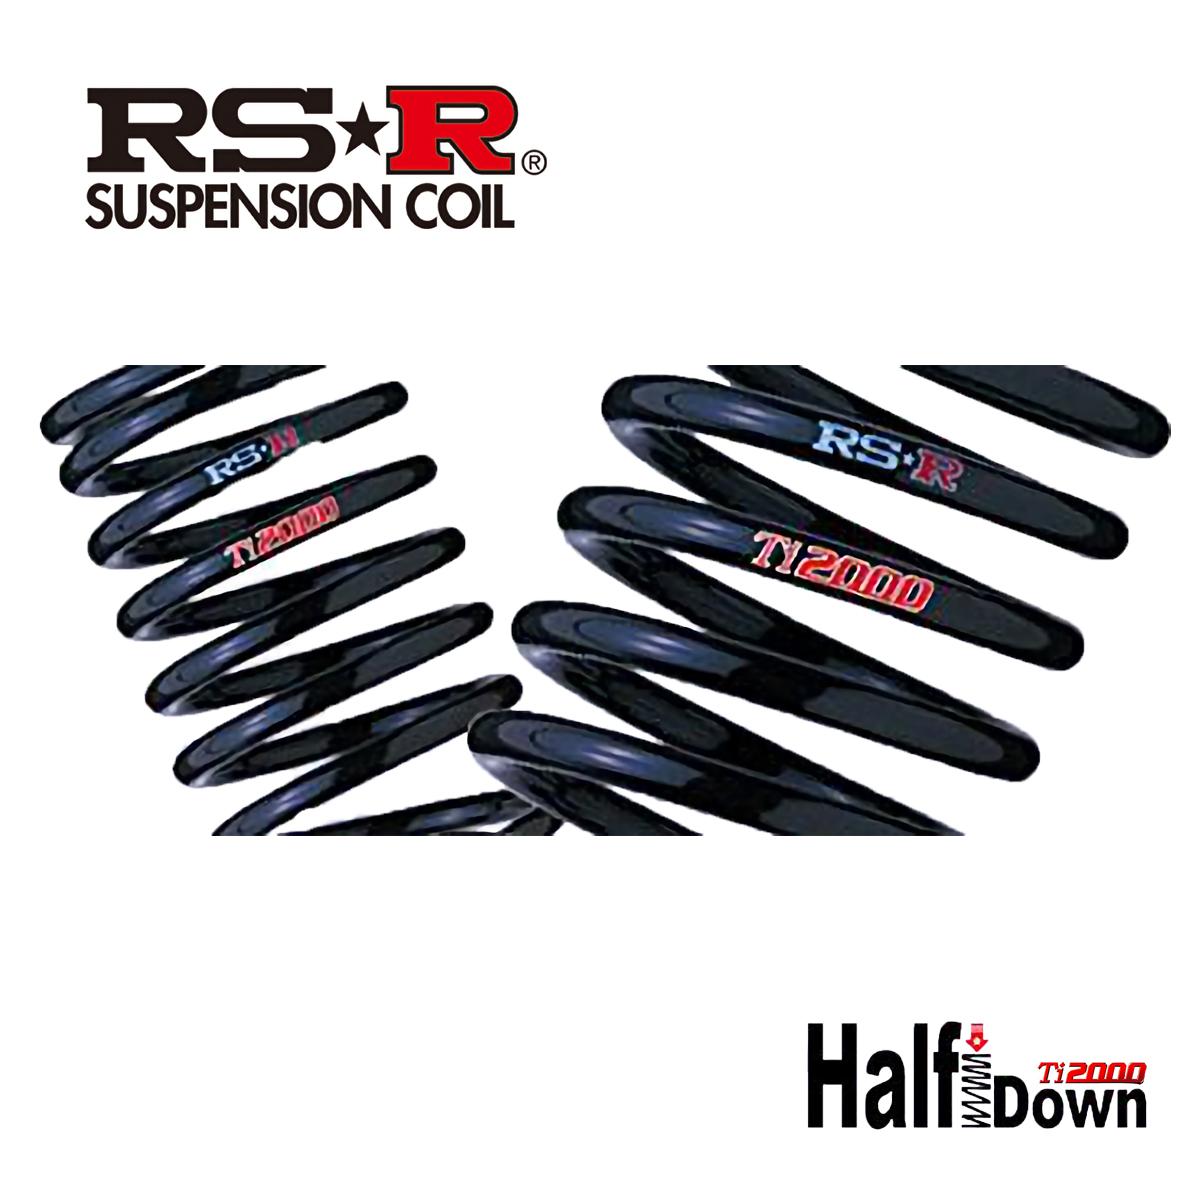 RS-R クロスビー ハイブリッドMZ MN71S ダウンサス スプリング リア S402THDR Ti2000 ハーフダウン RSR 個人宅発送追金有